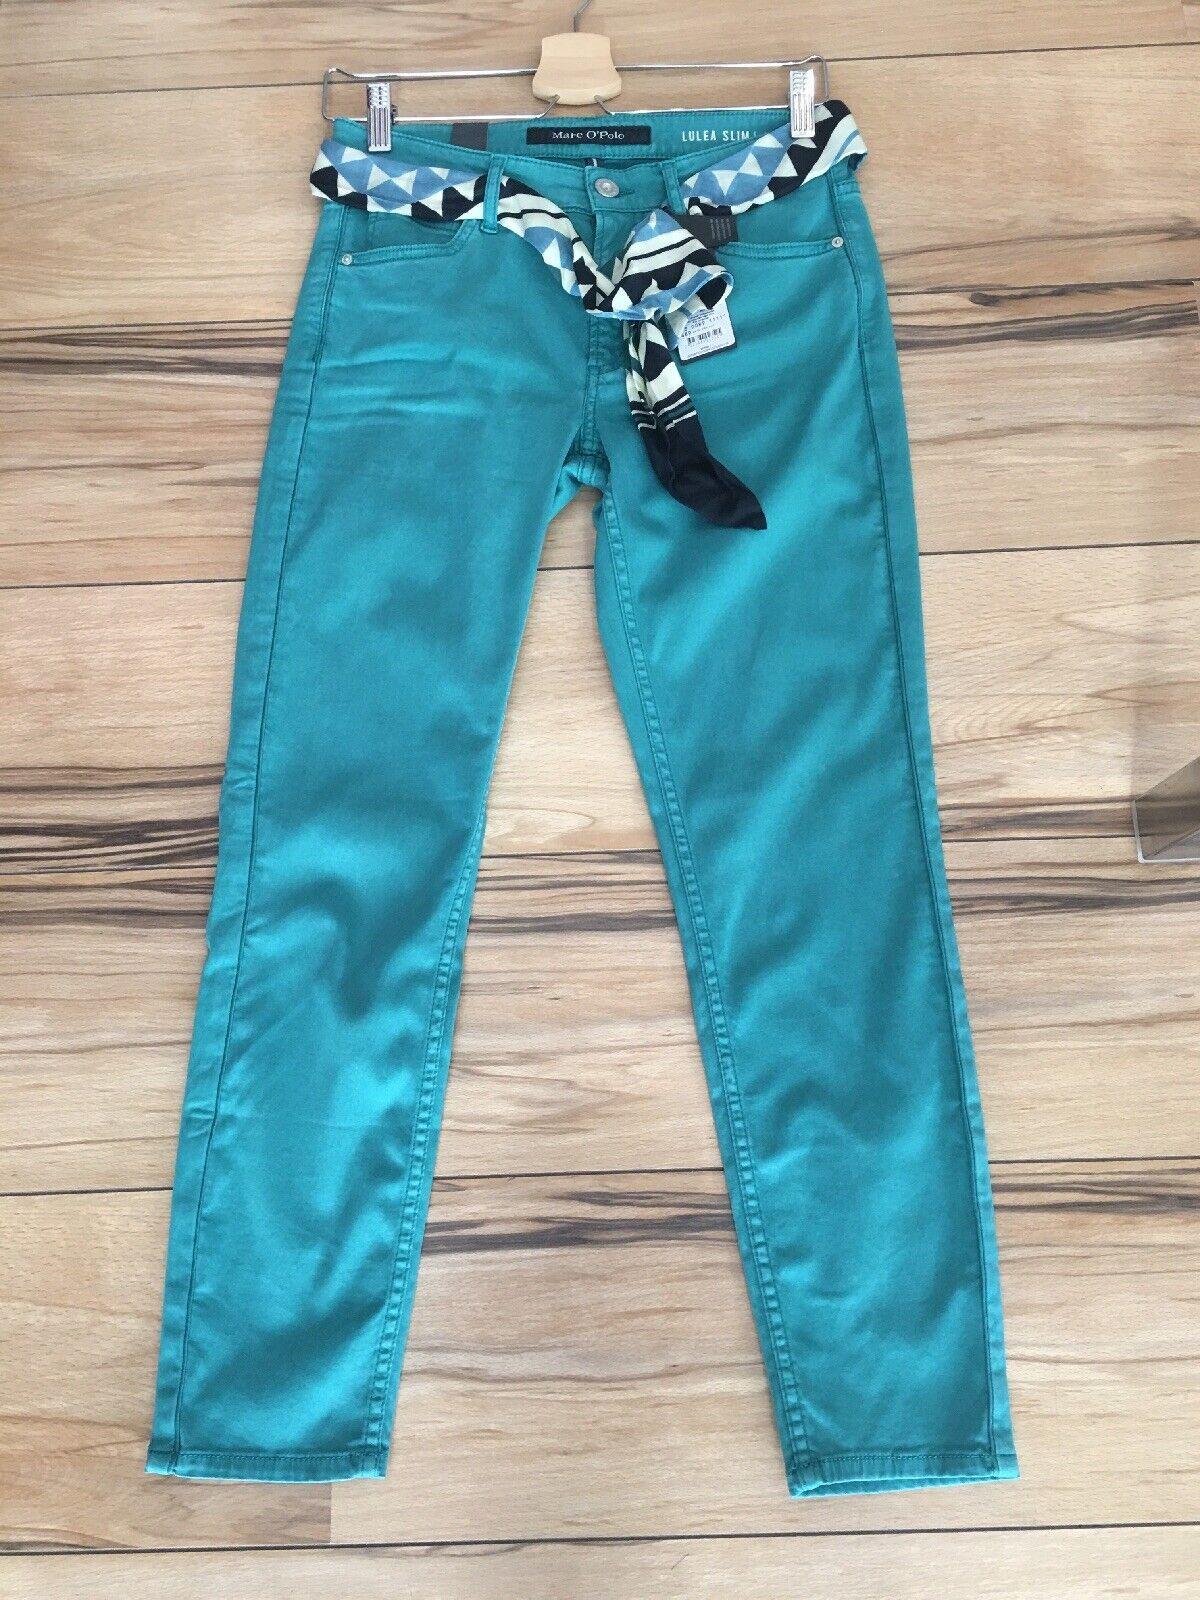 Marcopolo Trousers Lulea Slim Cropped with Tie Belt in Größe 31